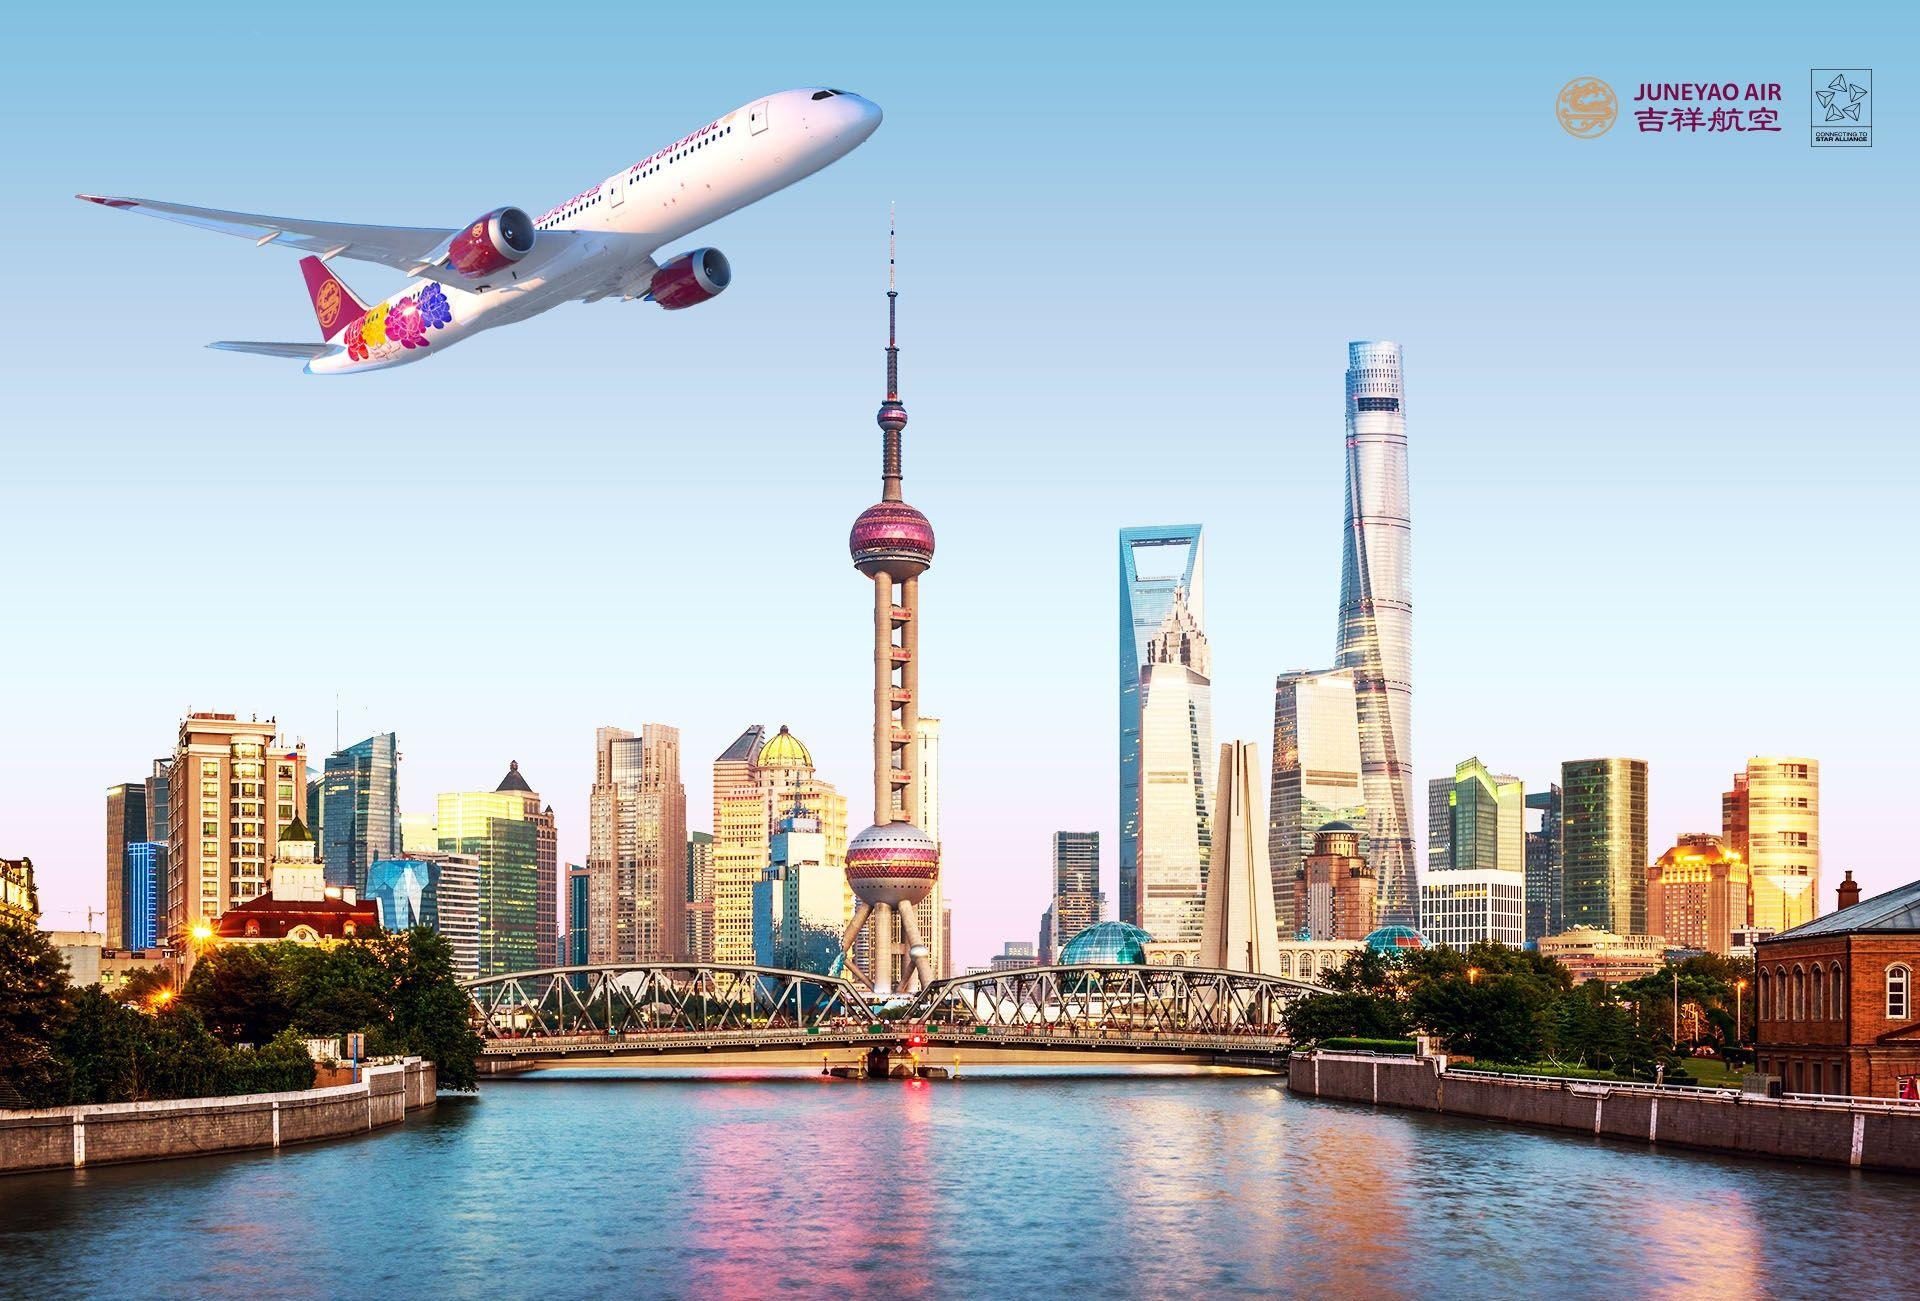 10月25日吉祥航空波音787首航上海—深圳航线